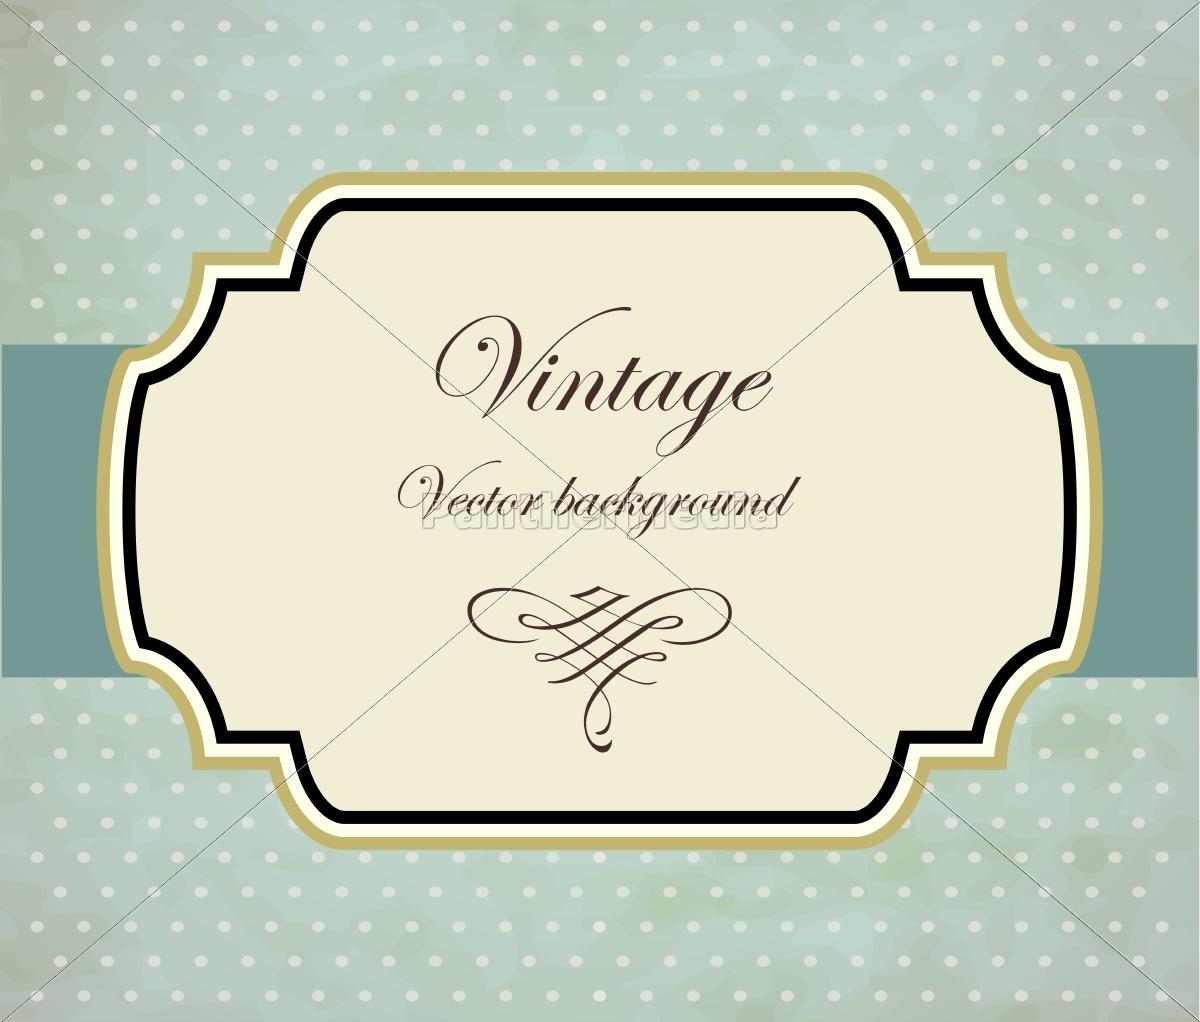 Vintage rahmen vektor hintergrund stock photo 12332446 bildagentur panthermedia - Vintage bilder kostenlos ...